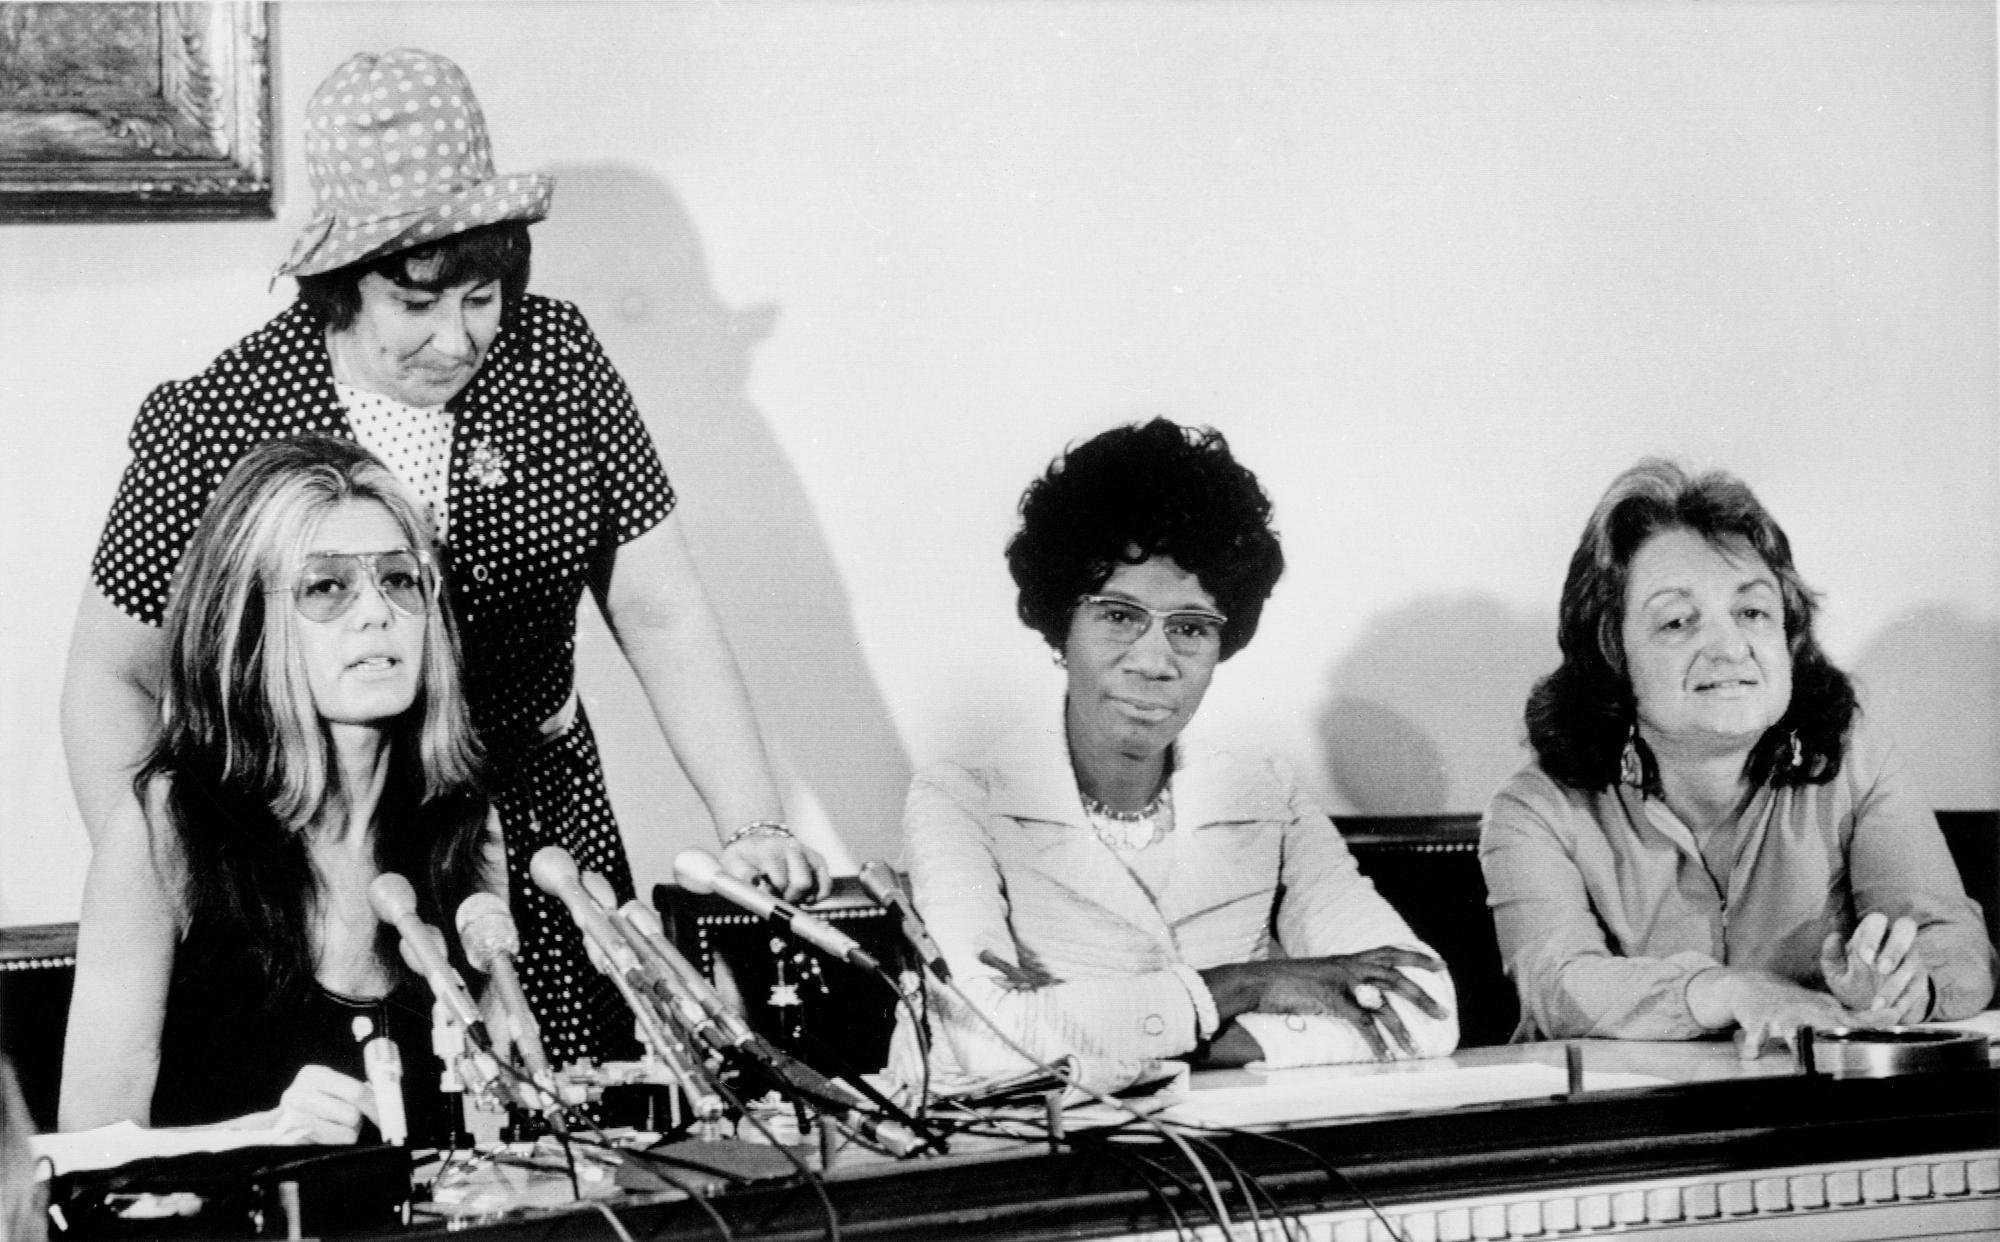 세 명의 여성이 테이블에 앉아 있고, 한 명의 여성이 그녀 앞에 마이크를 가지고 있으며, 이는 기자 회견임을 시사합니다